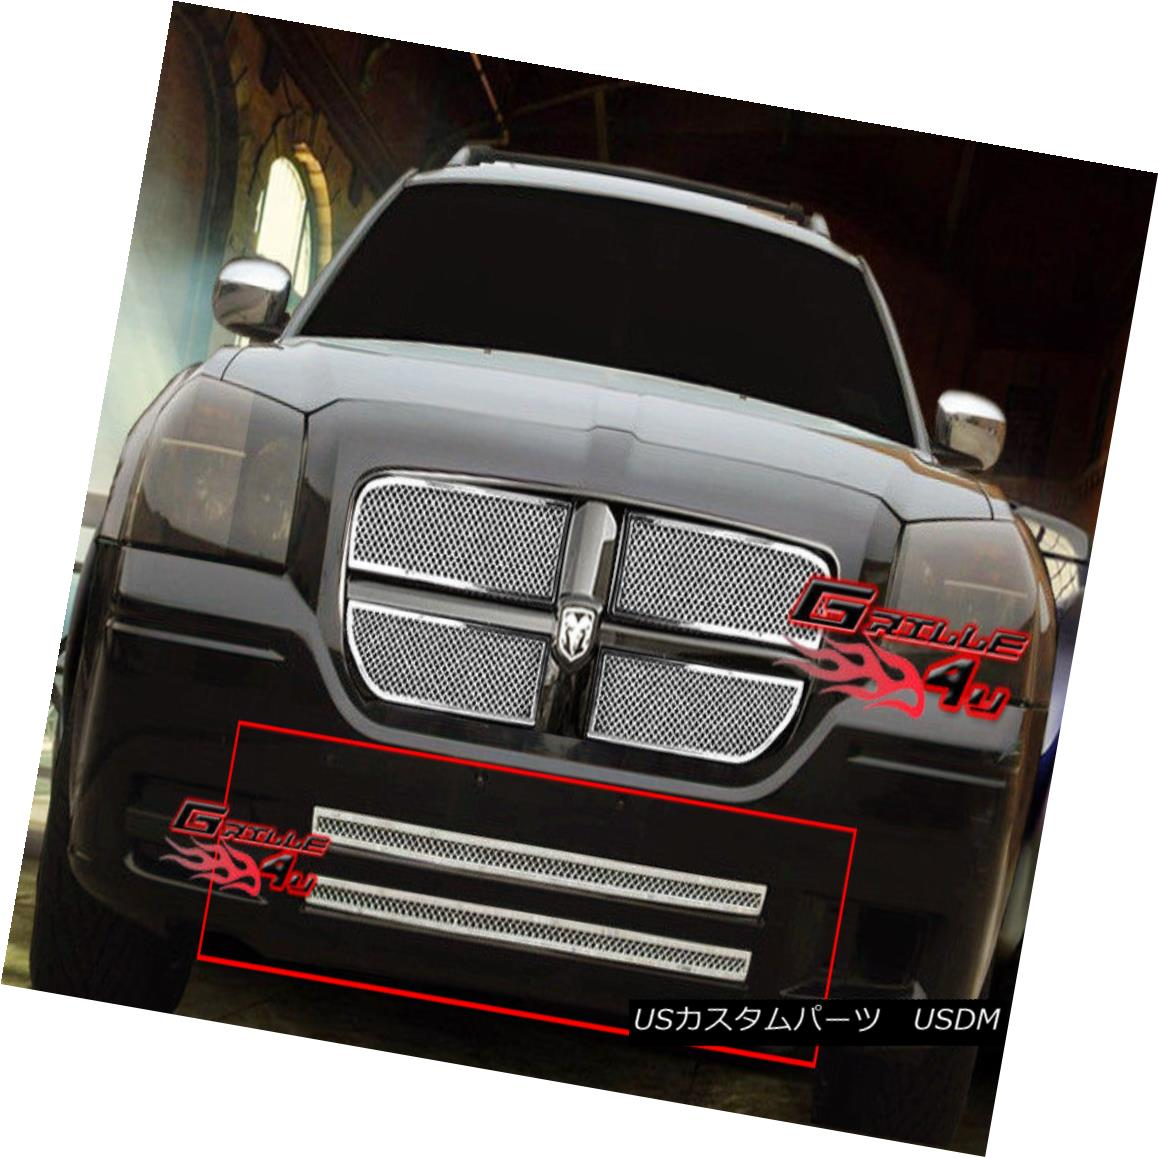 グリル For 05-07 Dodge Magnum Bumper Stainless Mesh Grille Insert 05-07ダッジマグナムバンパーステンレスメッシュグリルインサート